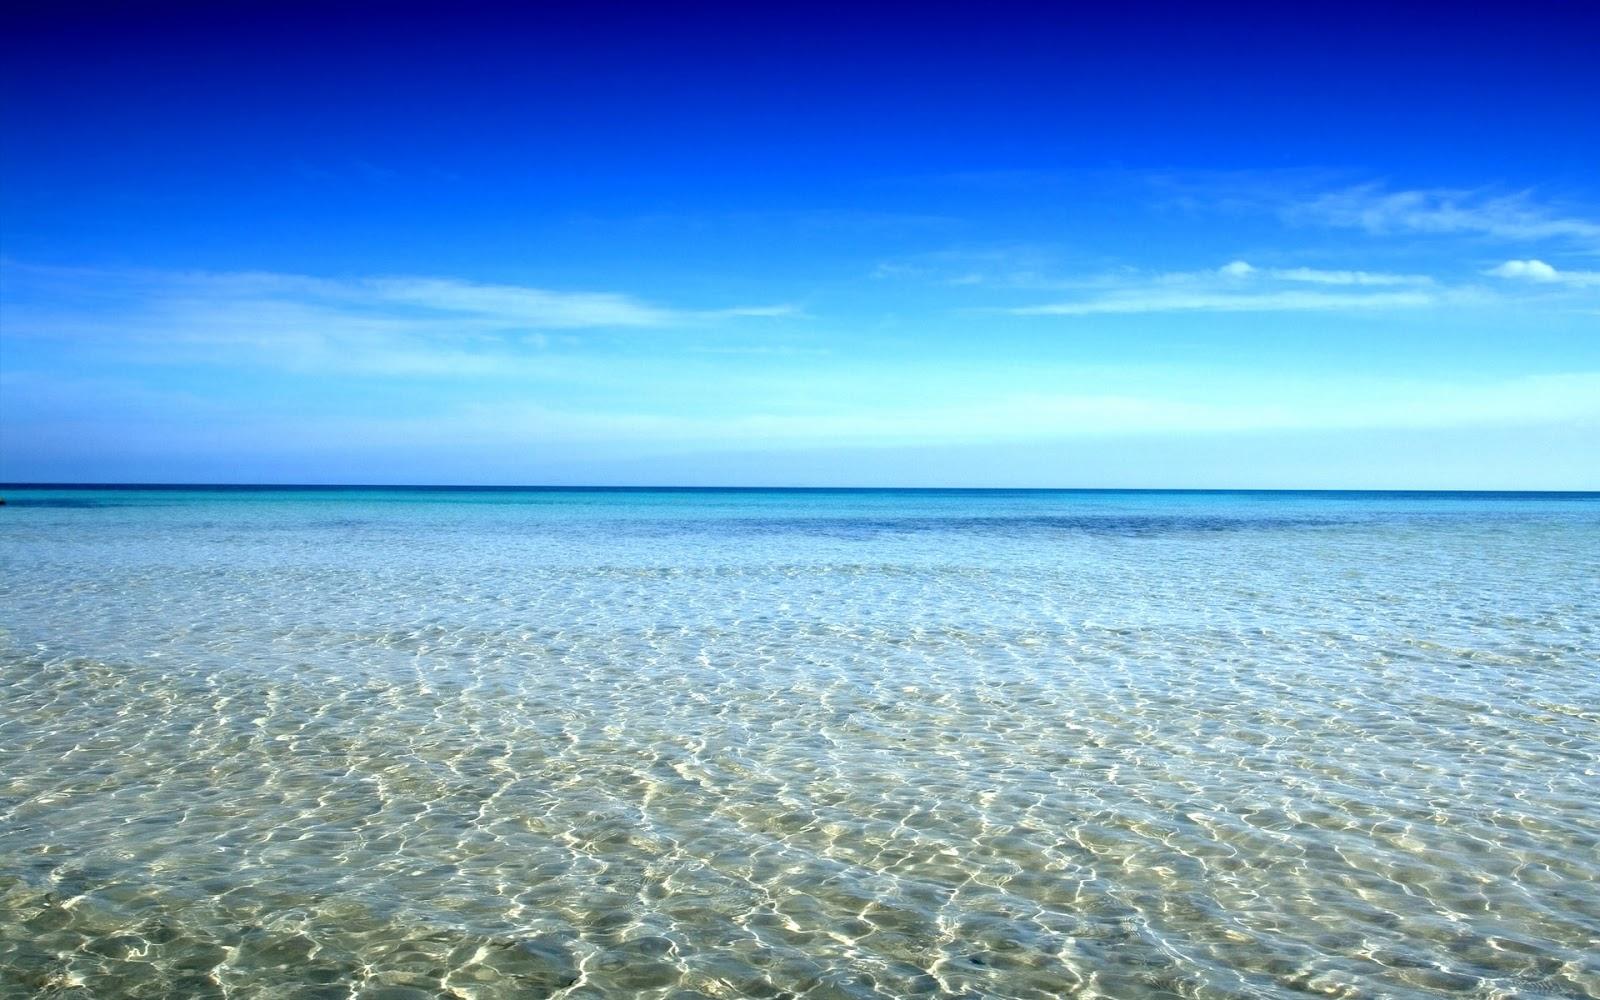 Τη θάλασσα τη γαλανή